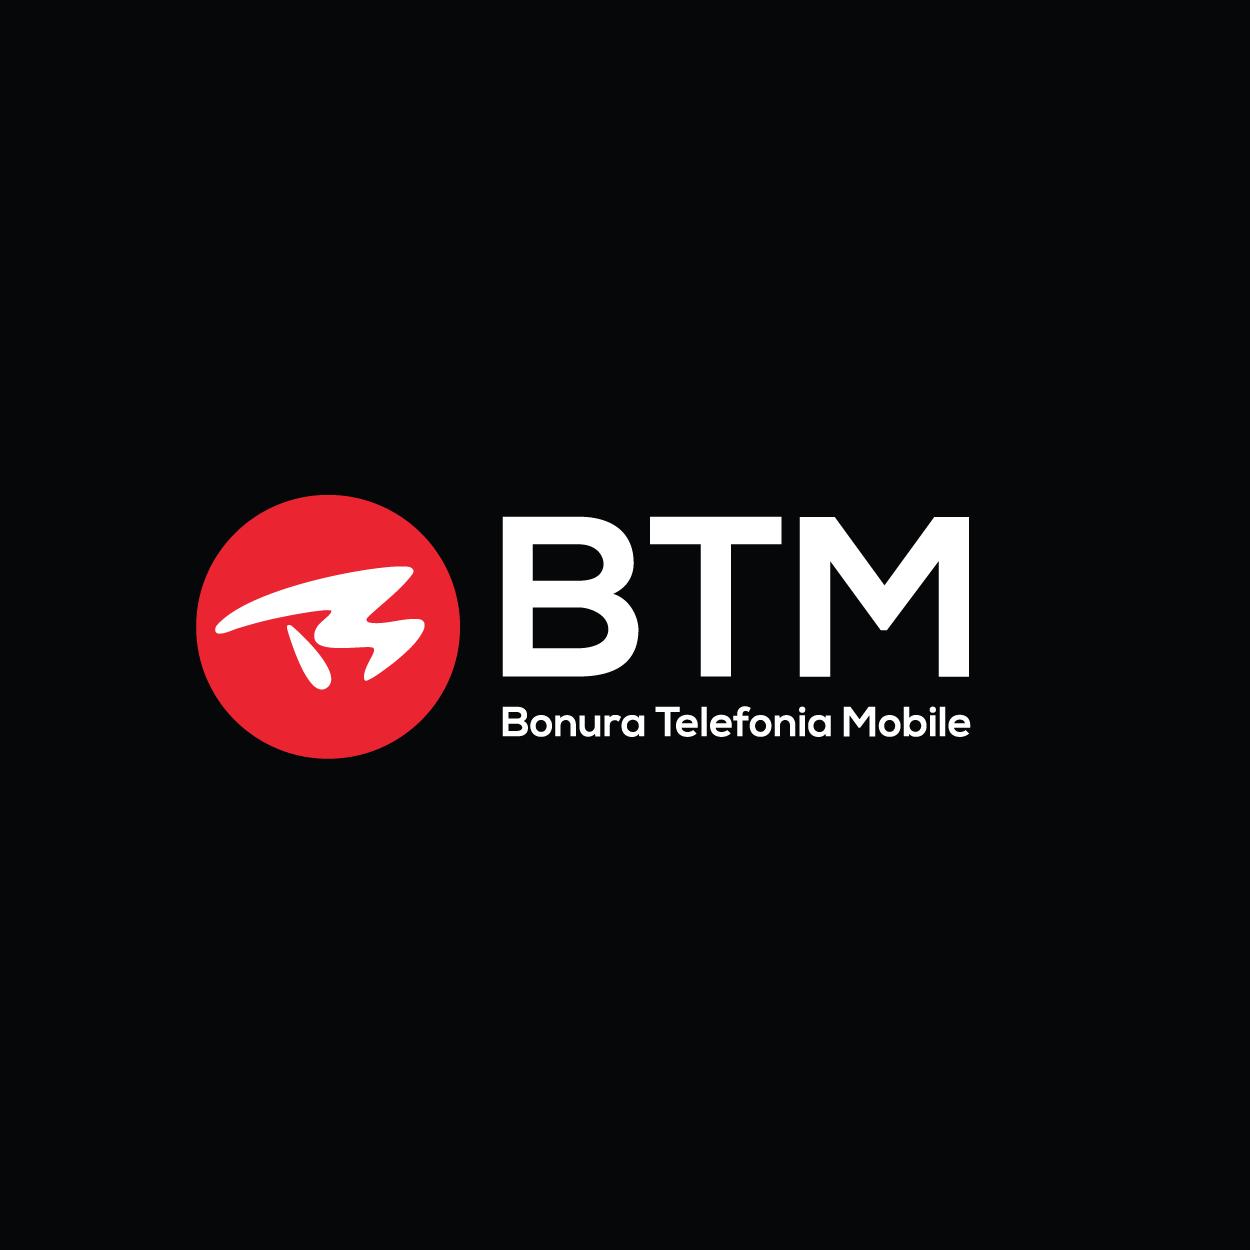 BTM - Logo su fondo nero